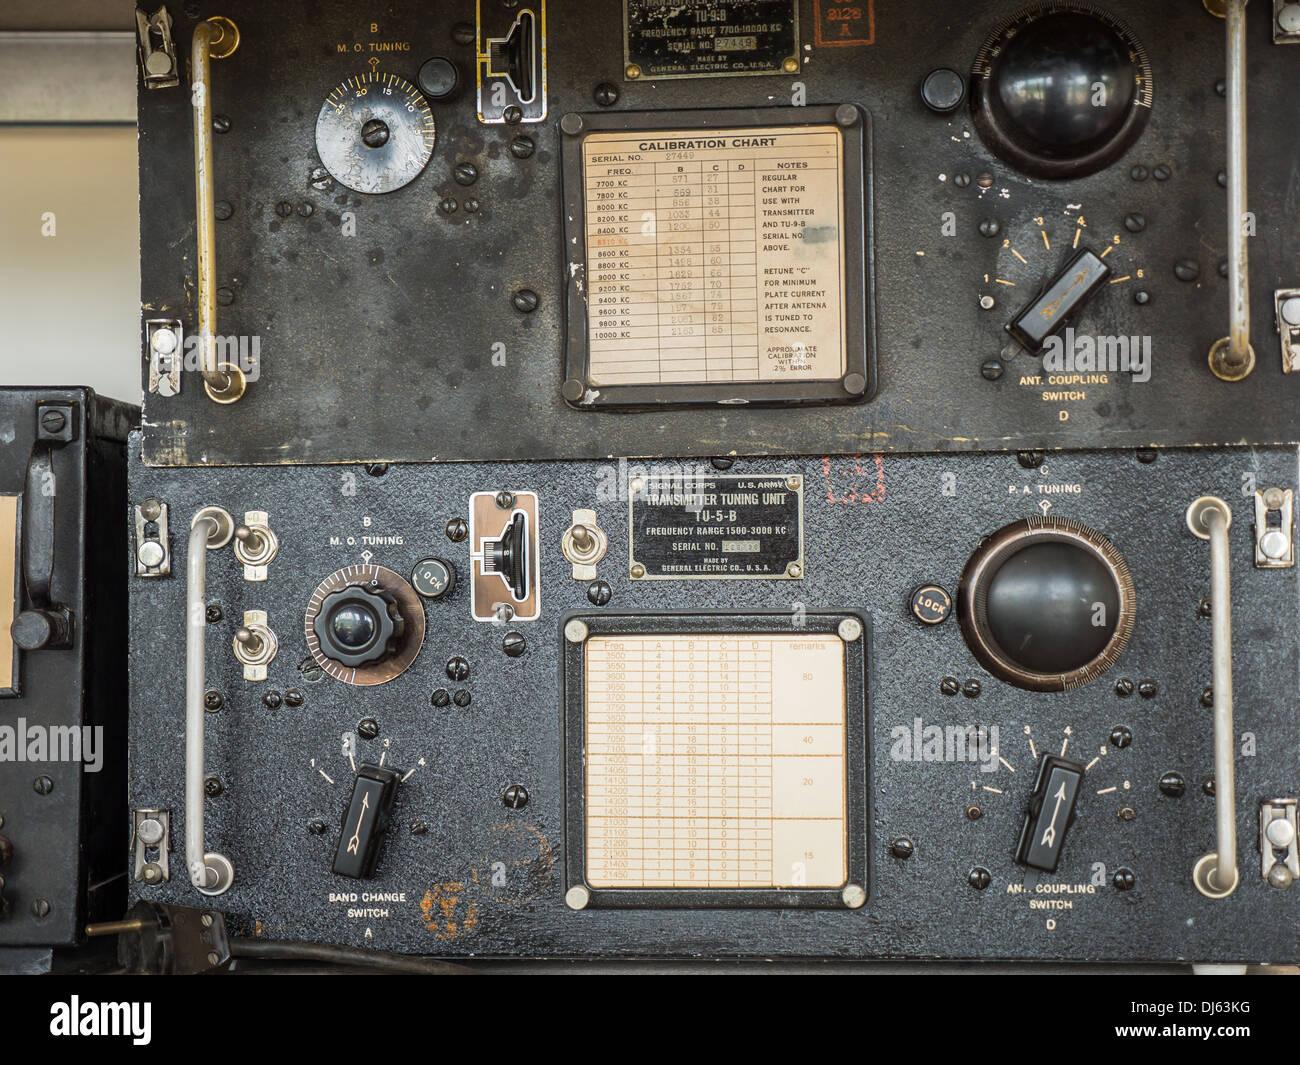 Radio Transmitter Vintage Stock Photos & Radio Transmitter